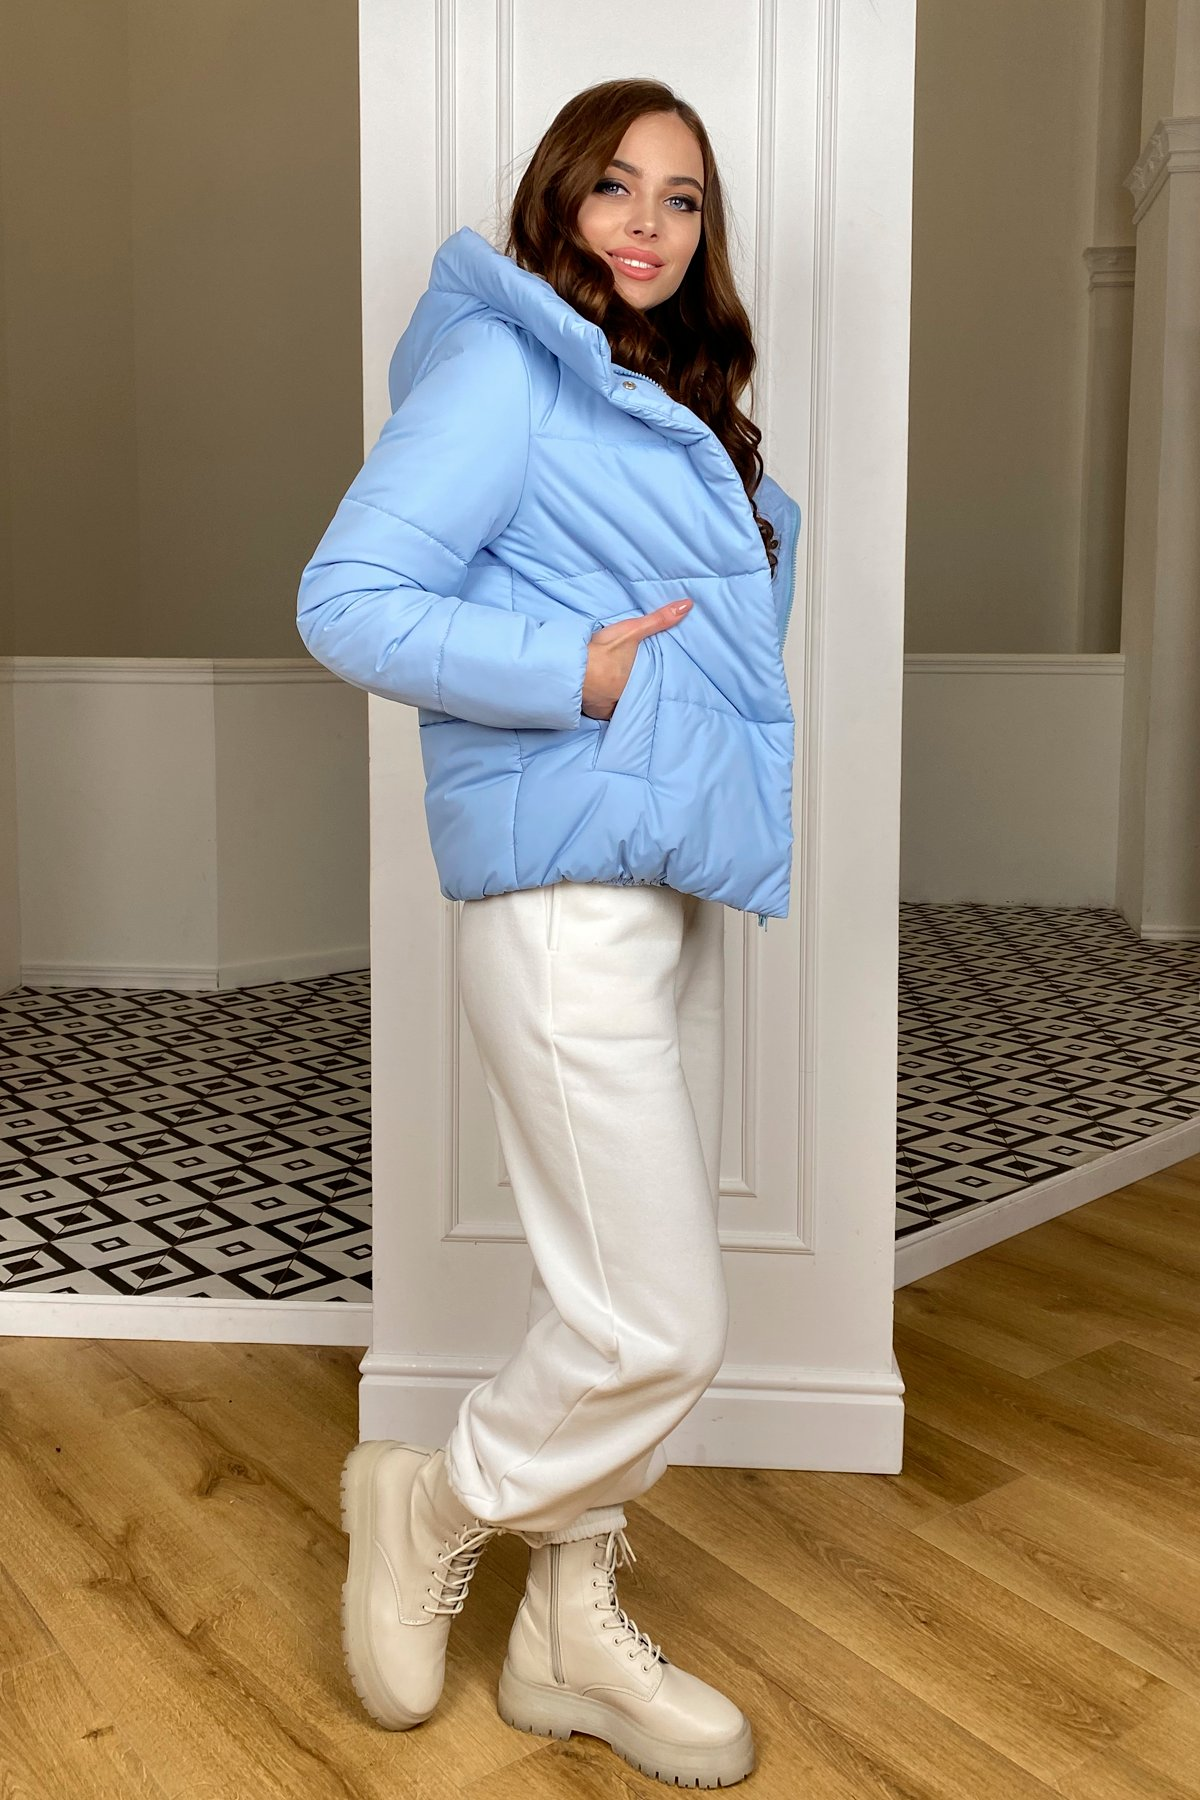 Рито  куртка из плащевой ткани Ammy  10443 АРТ. 46773 Цвет: Голубой - фото 2, интернет магазин tm-modus.ru